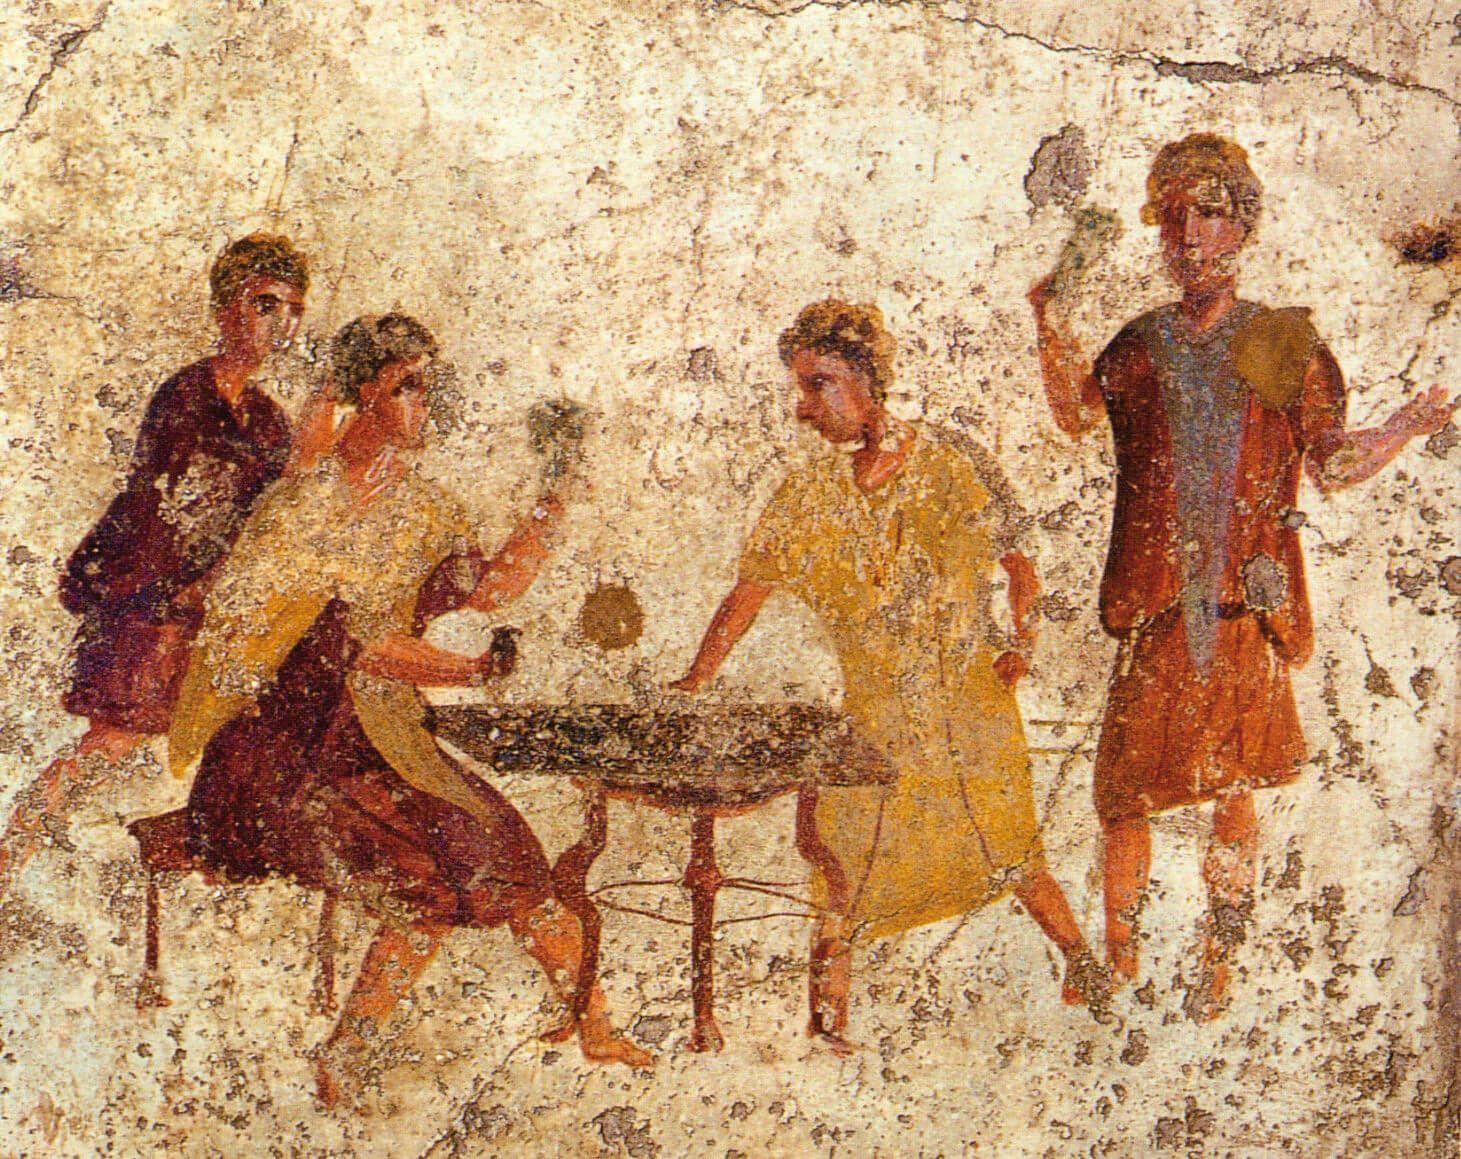 juego y apuestas antigua roma